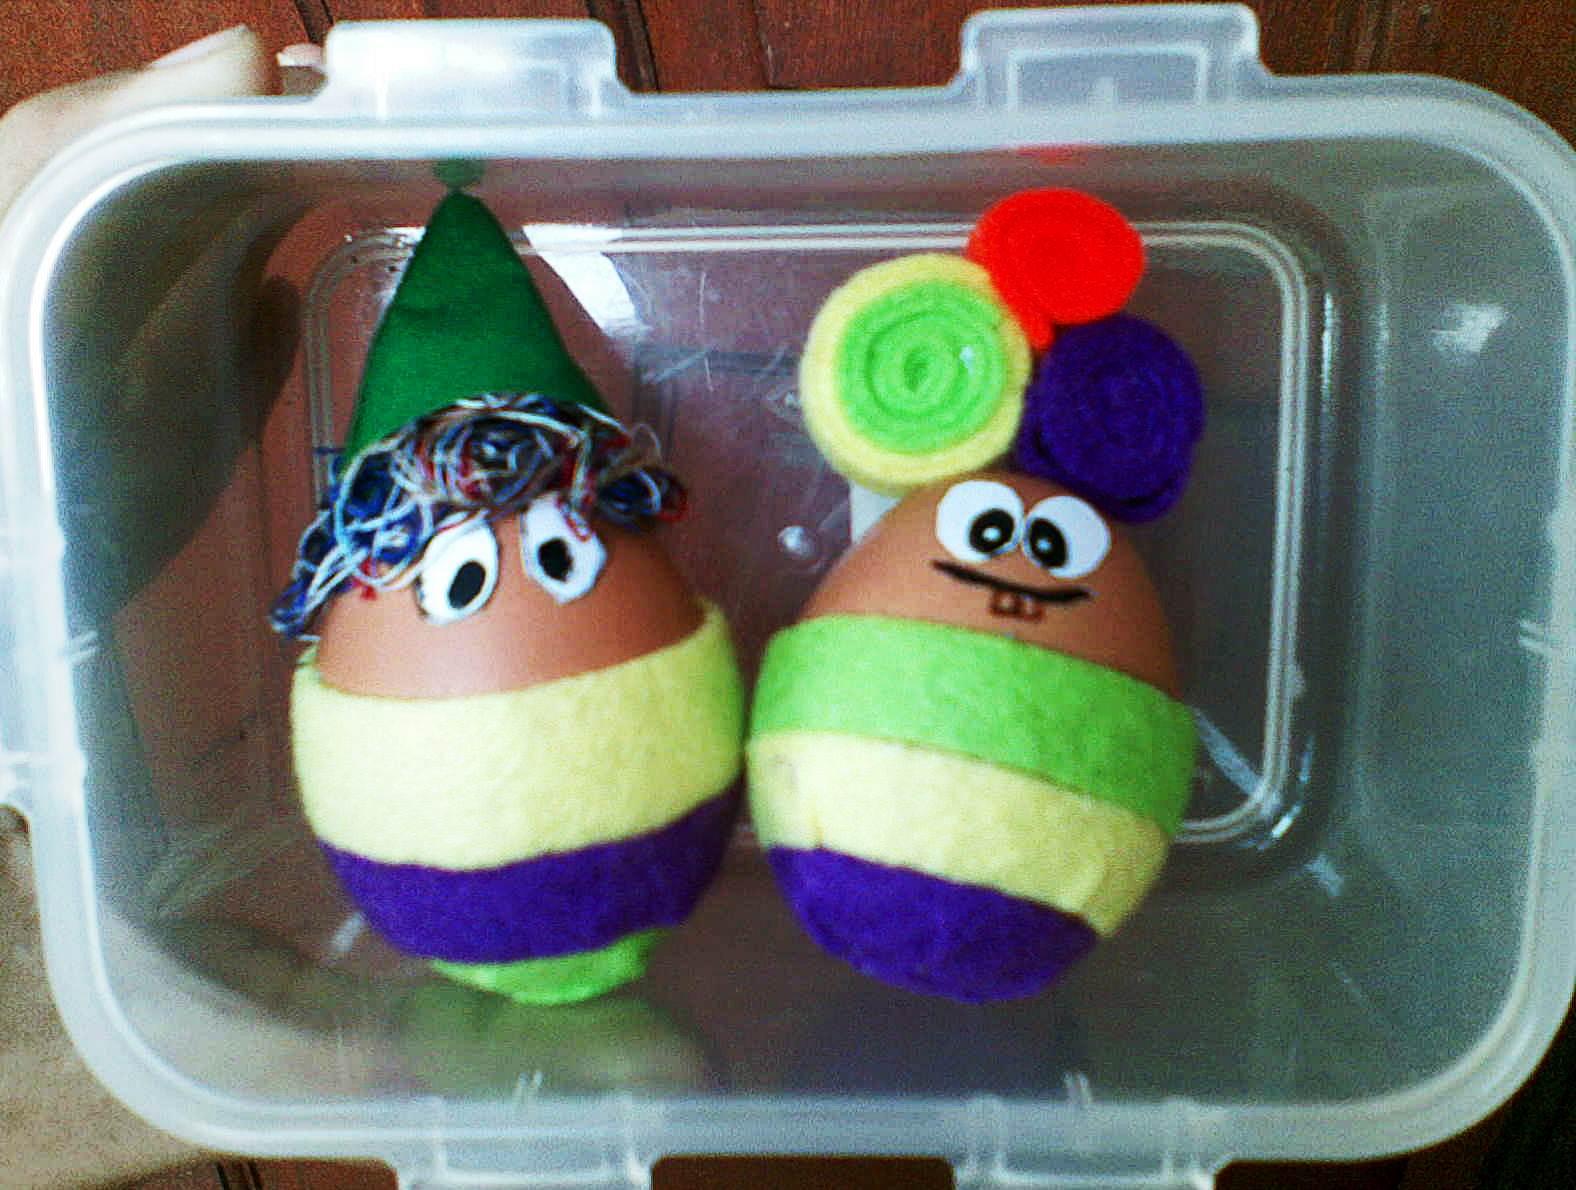 ... telur paskah dan inilah hasil pekerjaan kita bertiga gue nyokap dan